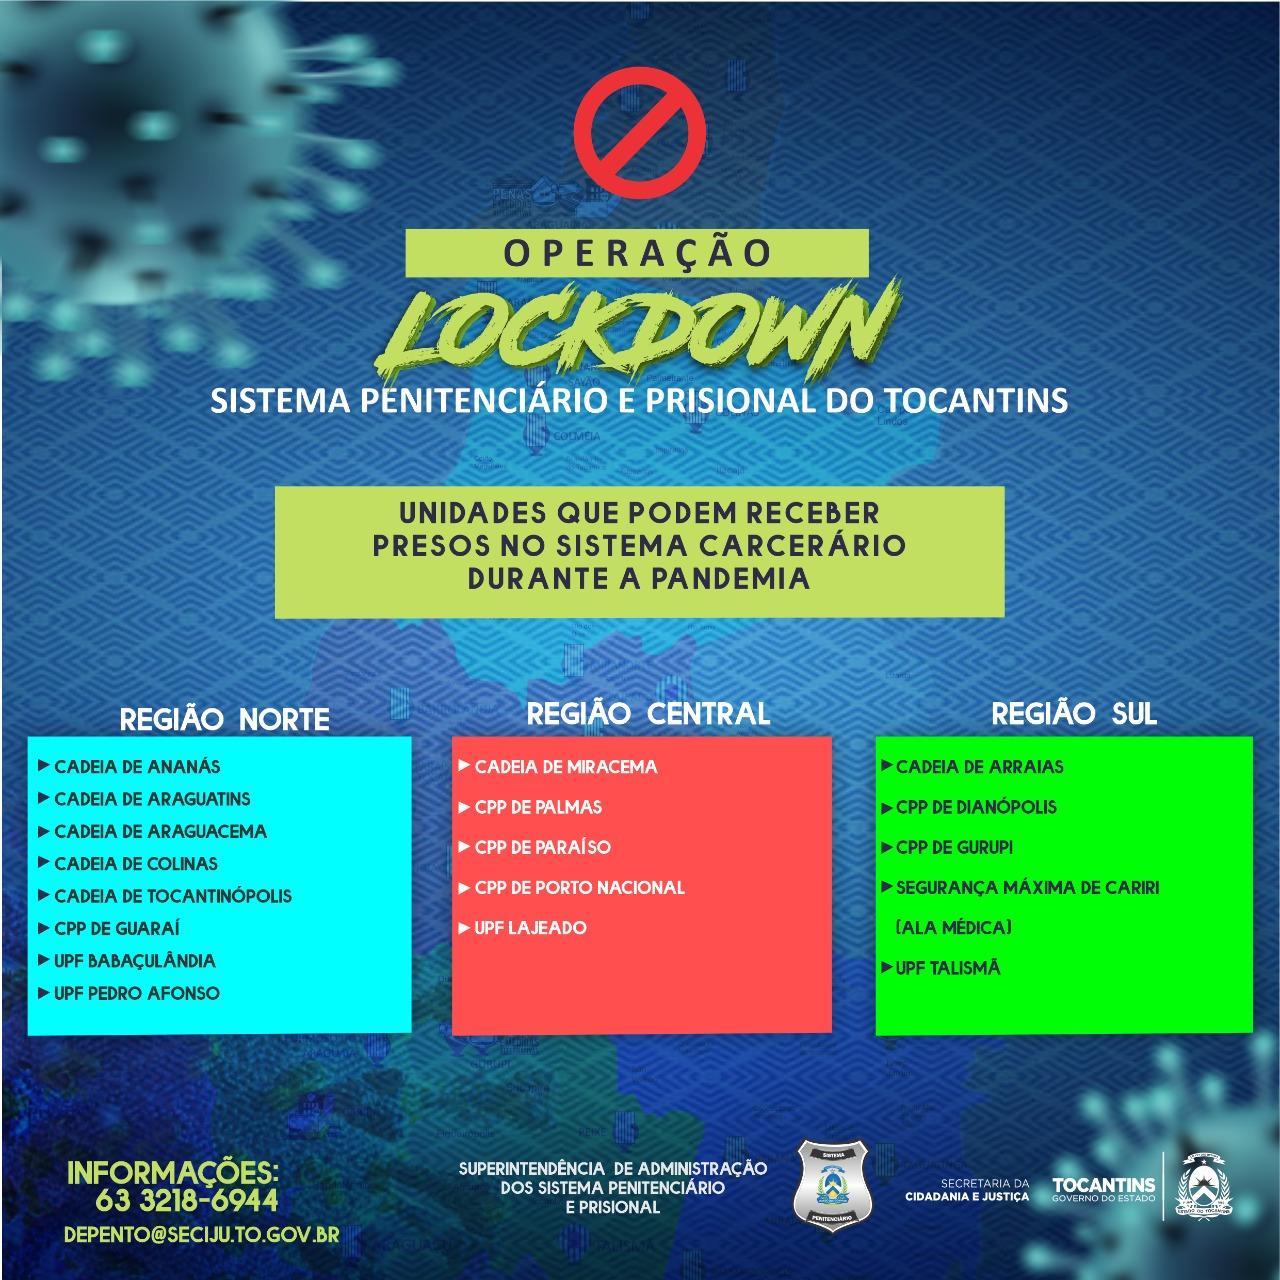 Sistema Penitenciário continua com Operação Lockdown e seleciona novas unidades para receber presos durante a pandemia